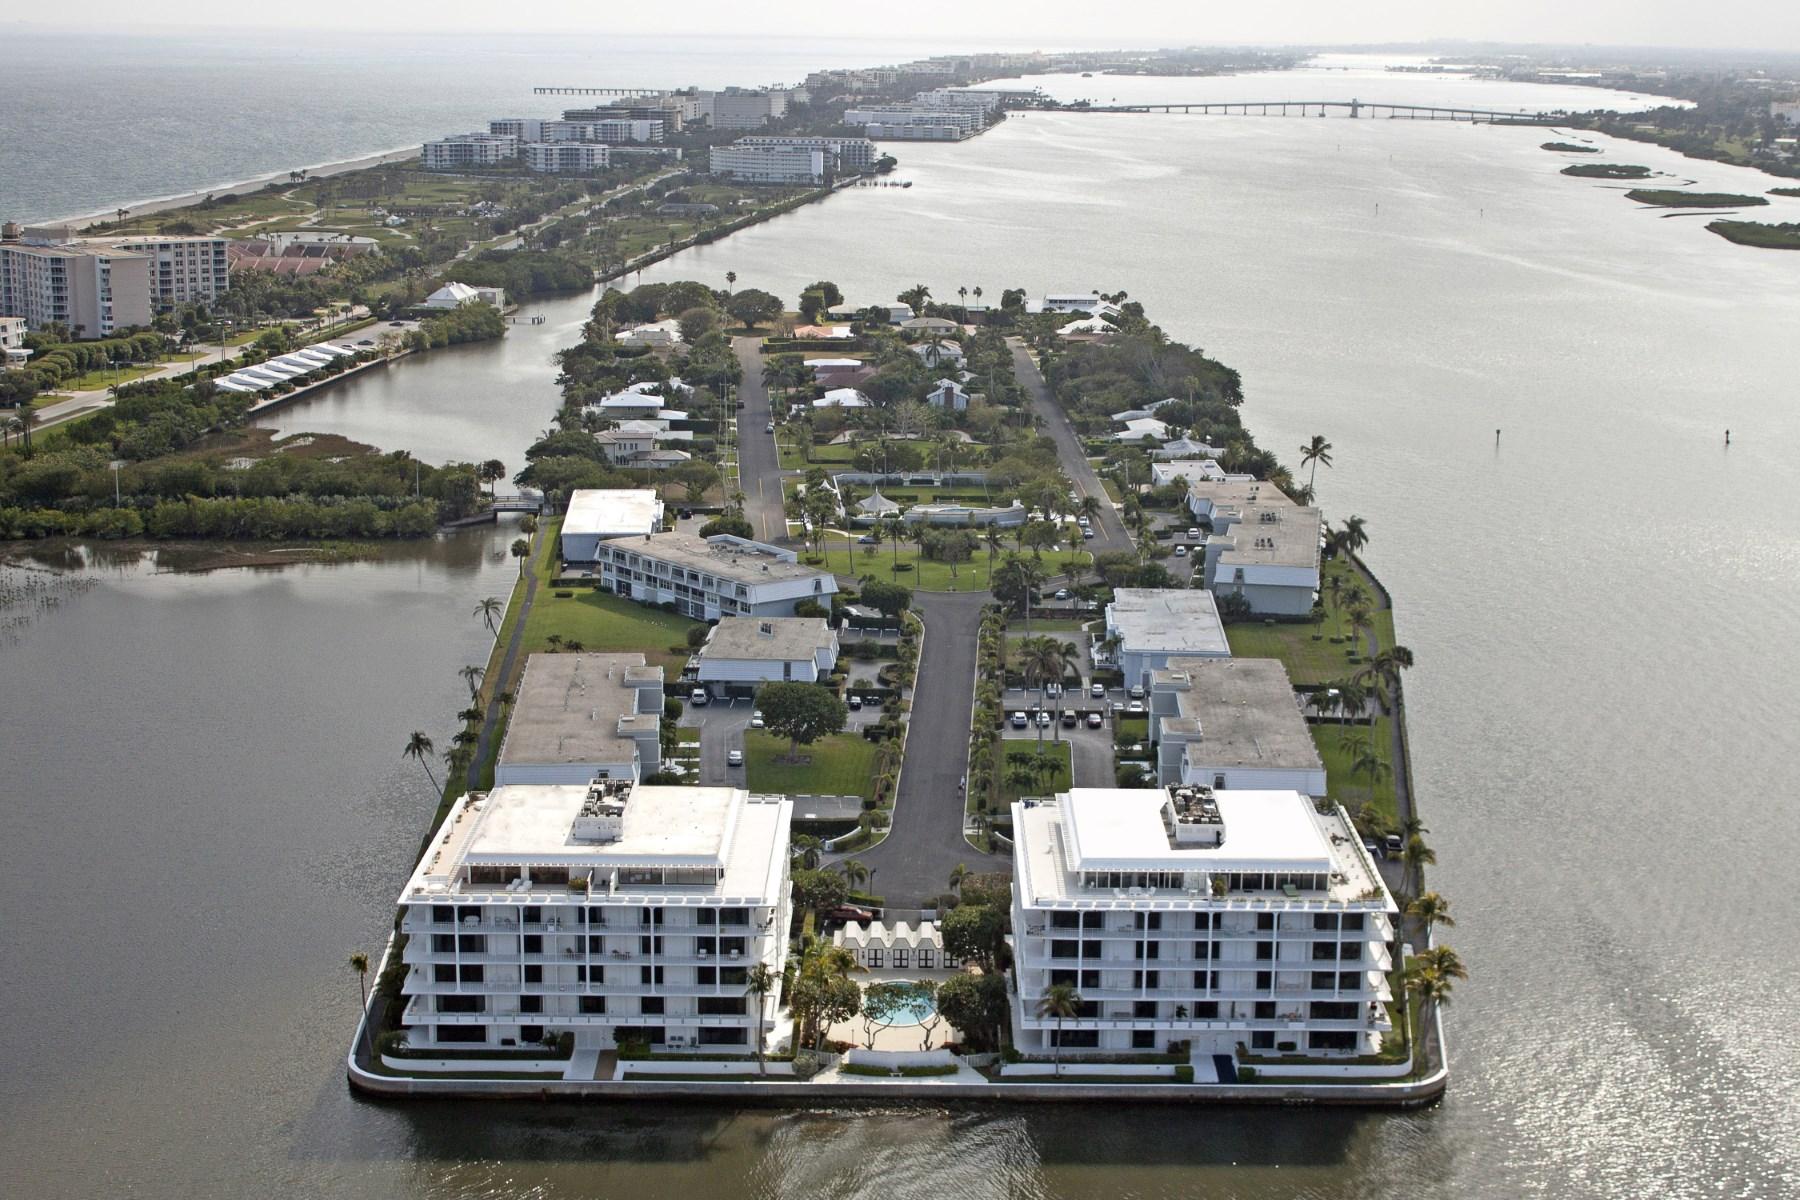 Condominium for Sale at Palm Beach Chic 2155 Ibis Isle Rd Apt 5 Palm Beach, Florida 33480 United States